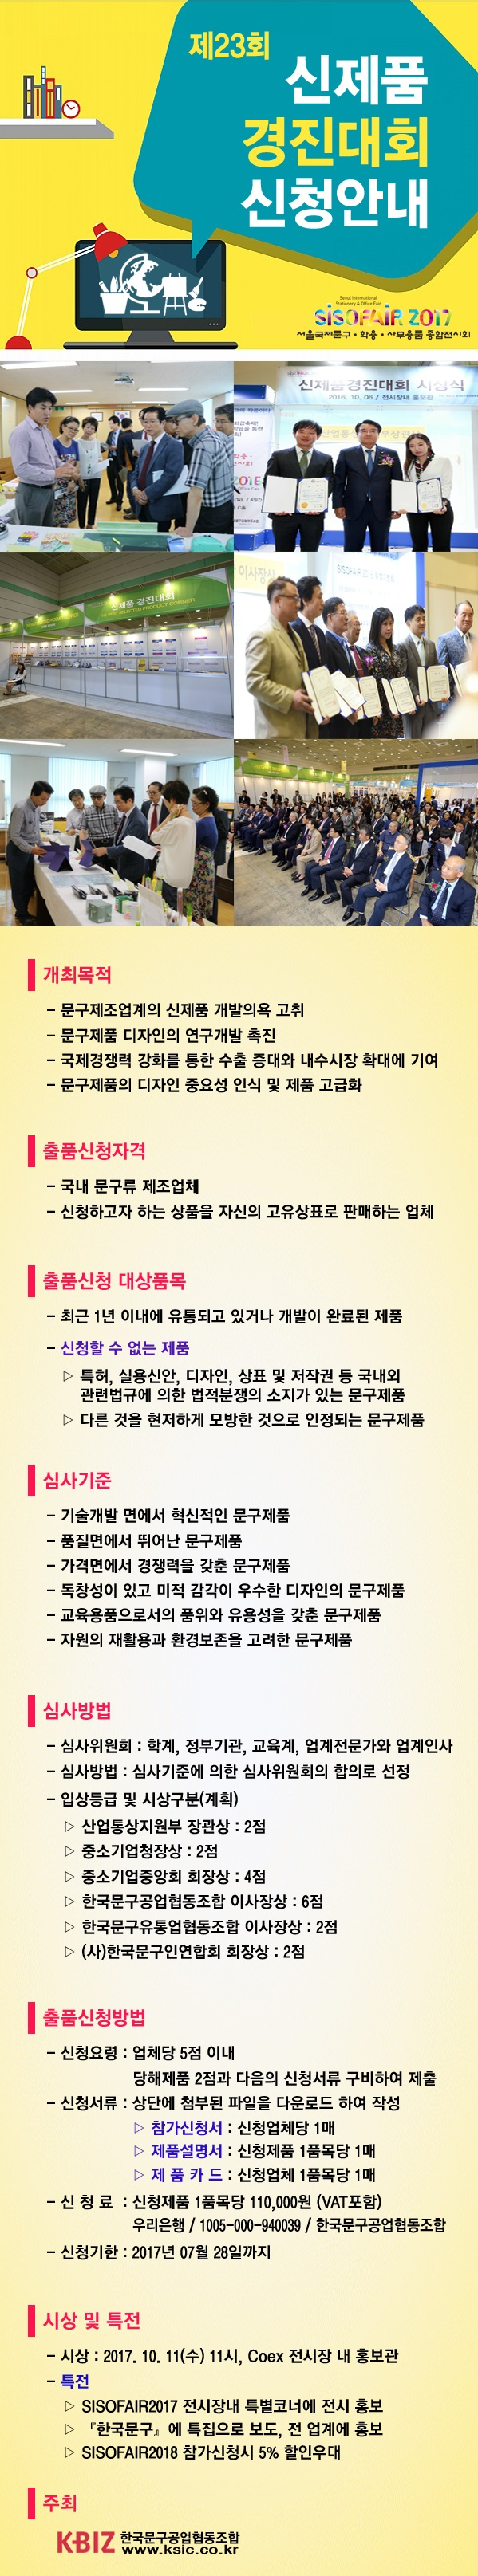 경진대회-1.jpg